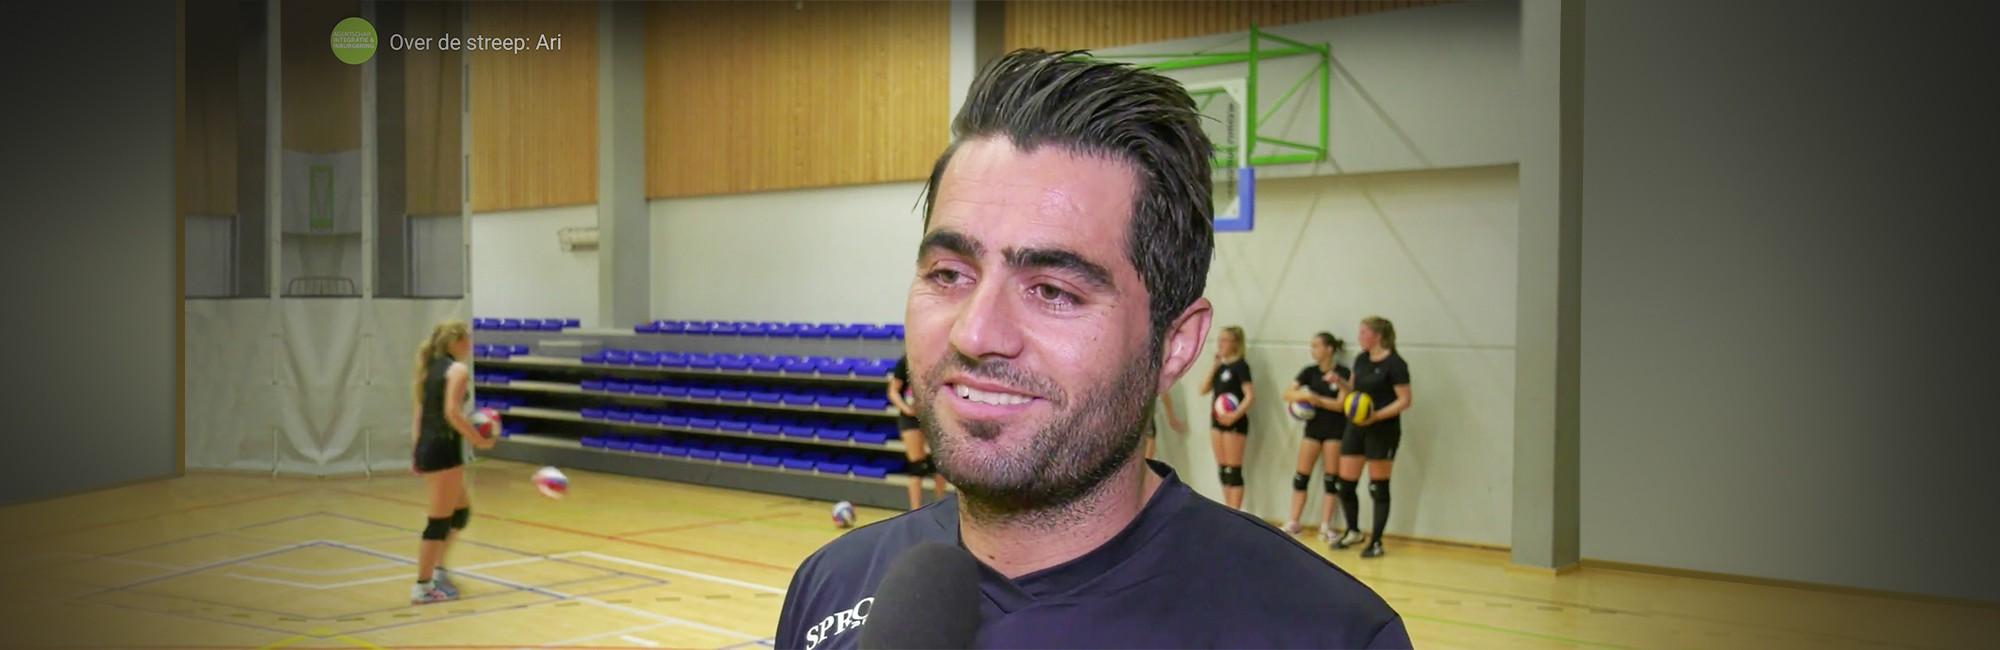 Foto van Ari. Hij oefent Nederlands als coach van een volleybalclub.